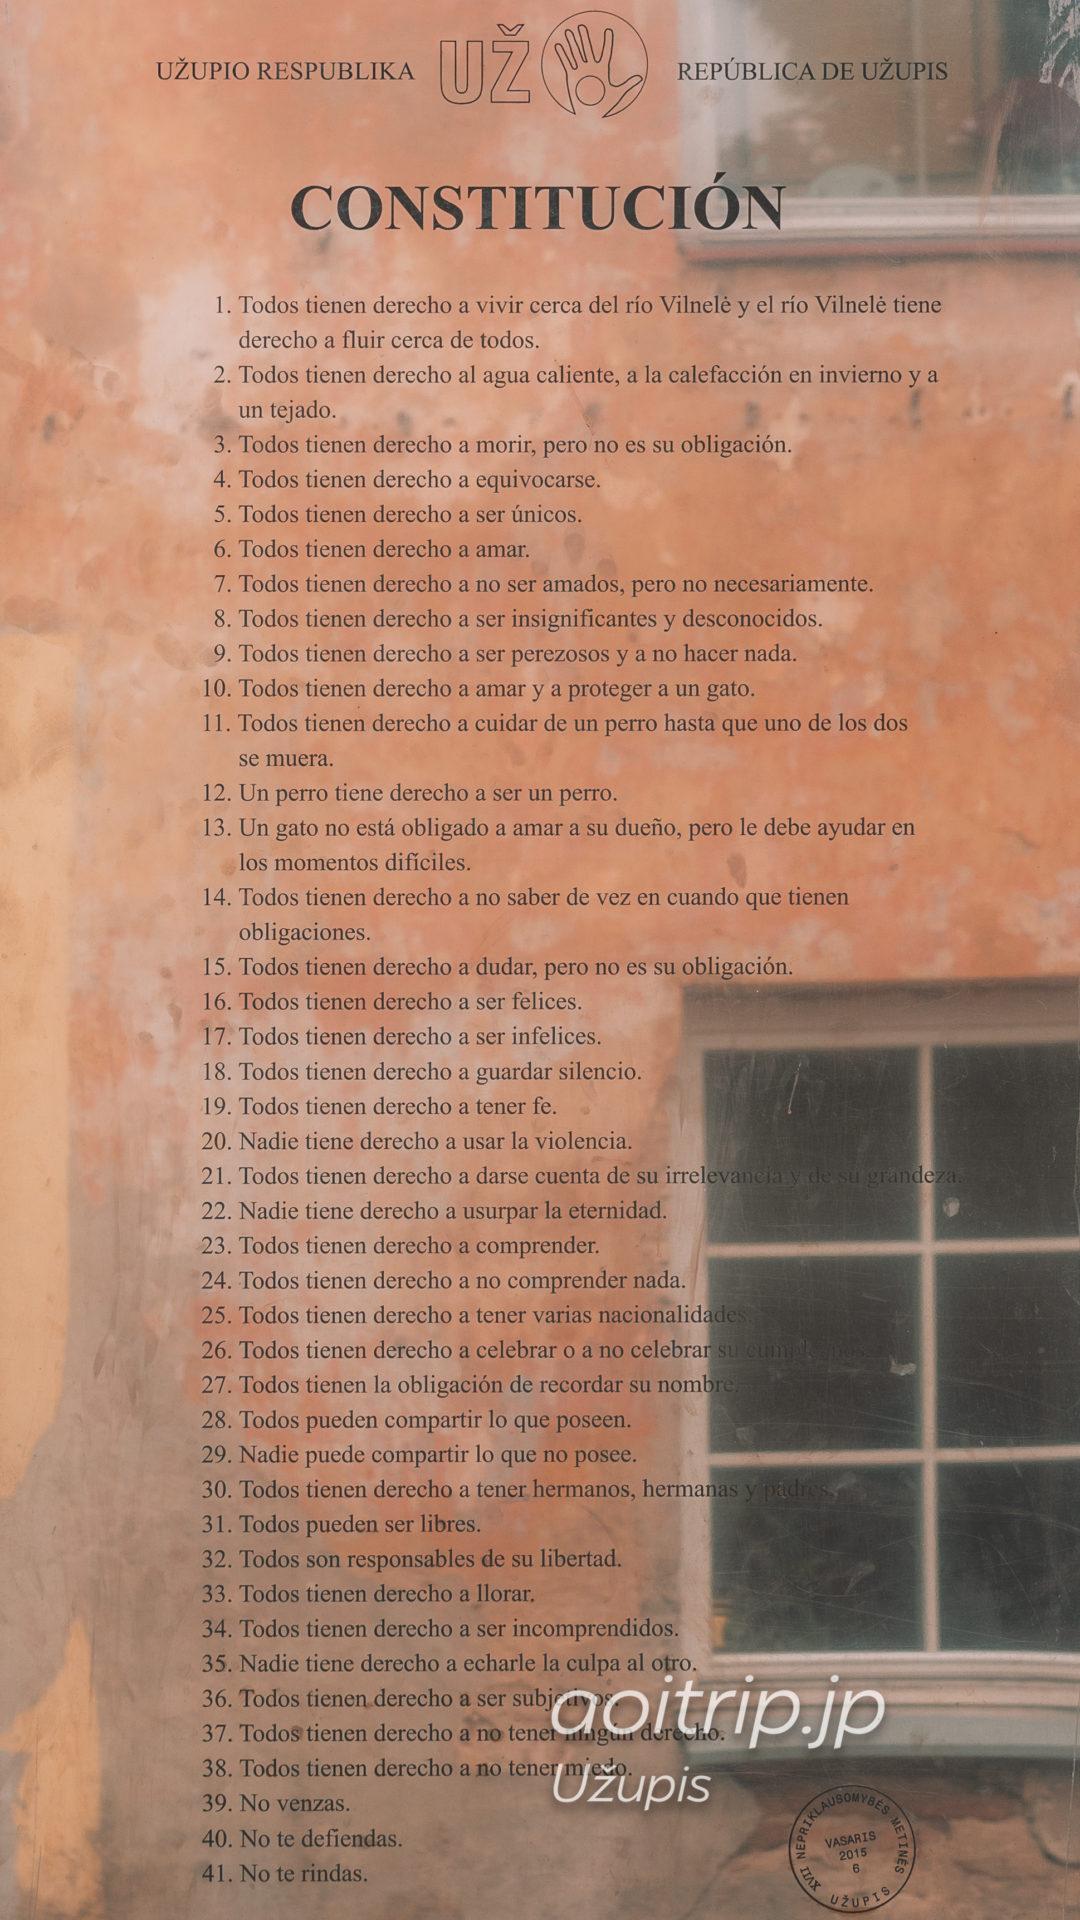 ウジュピス共和国憲法(スペイン語)